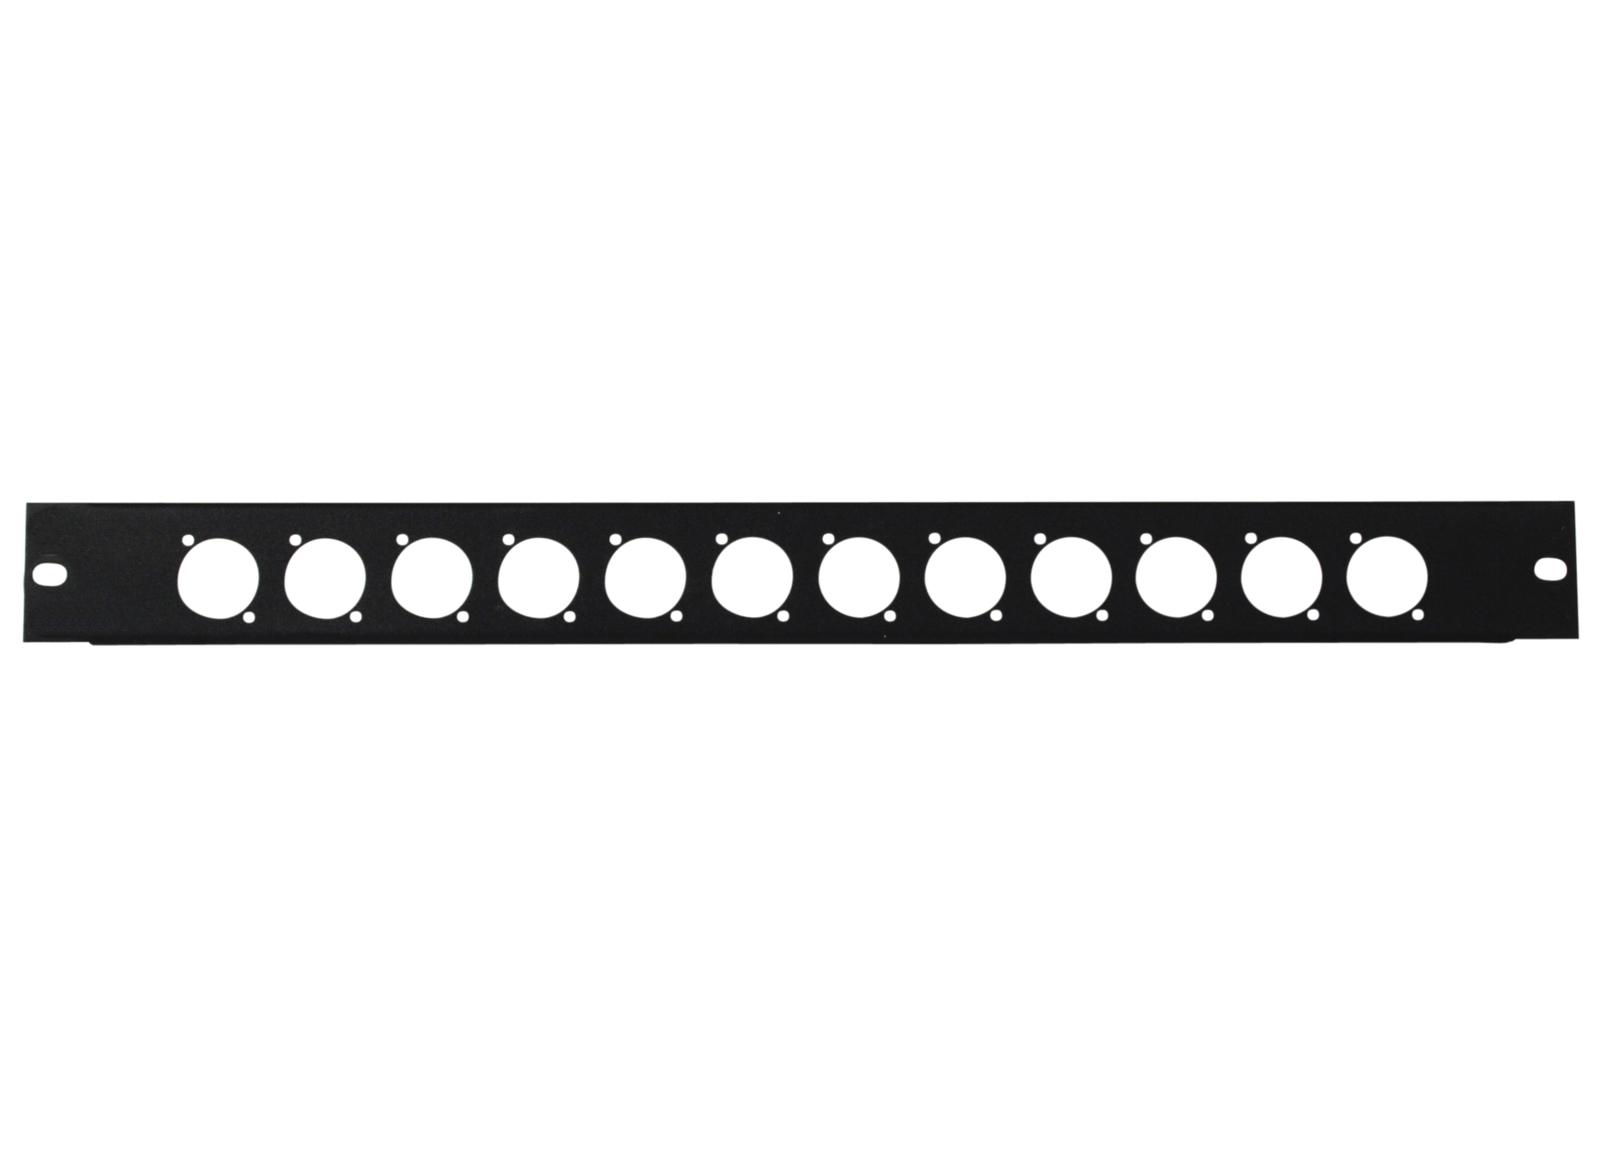 OMNITRONIC Frontplatte Z-19 12 x XLR (D-Typ) 1HE